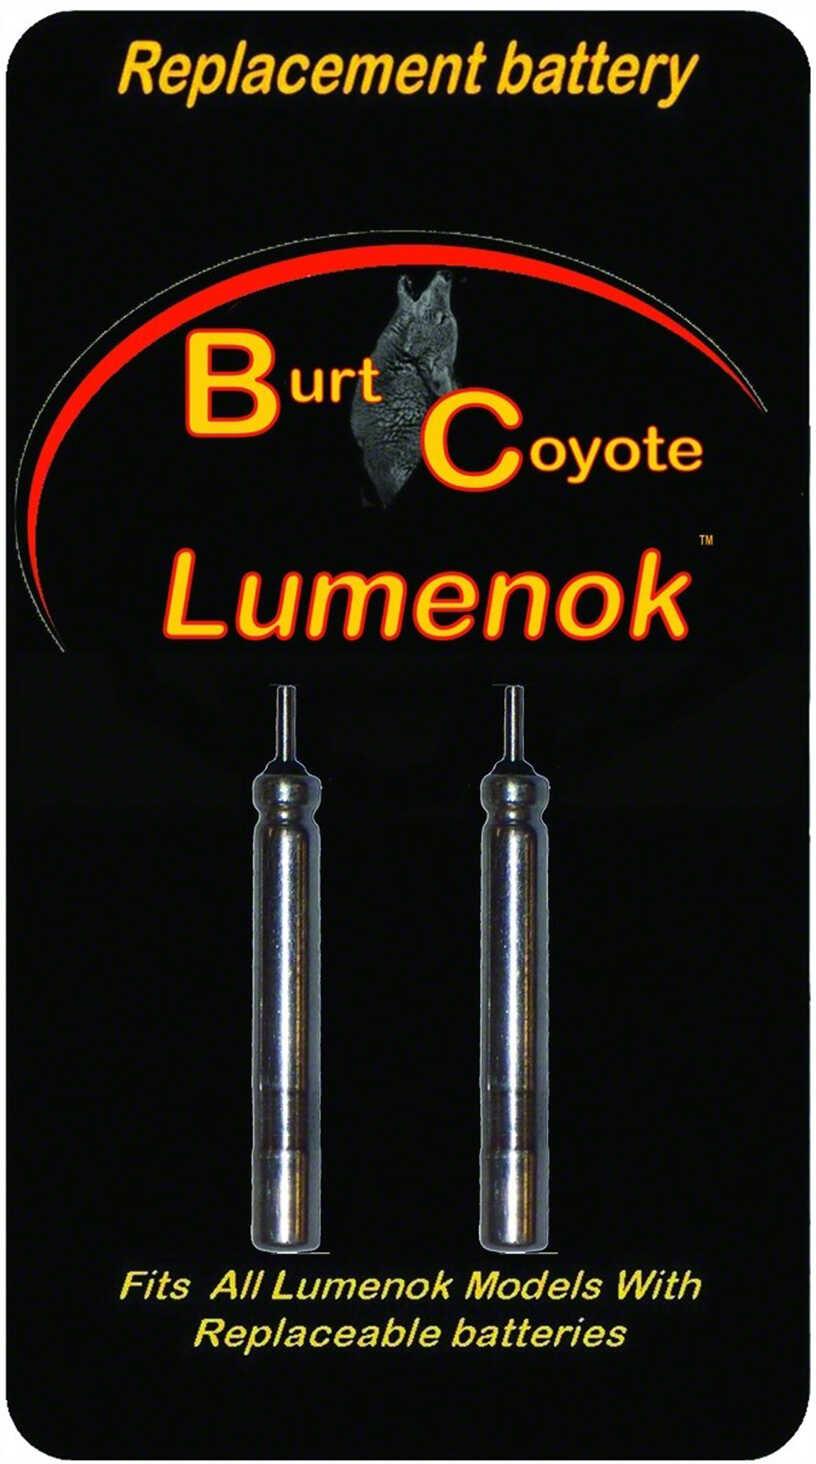 Lumenok Replacment Batteries For Nocks 2 Pk. Model: Rb